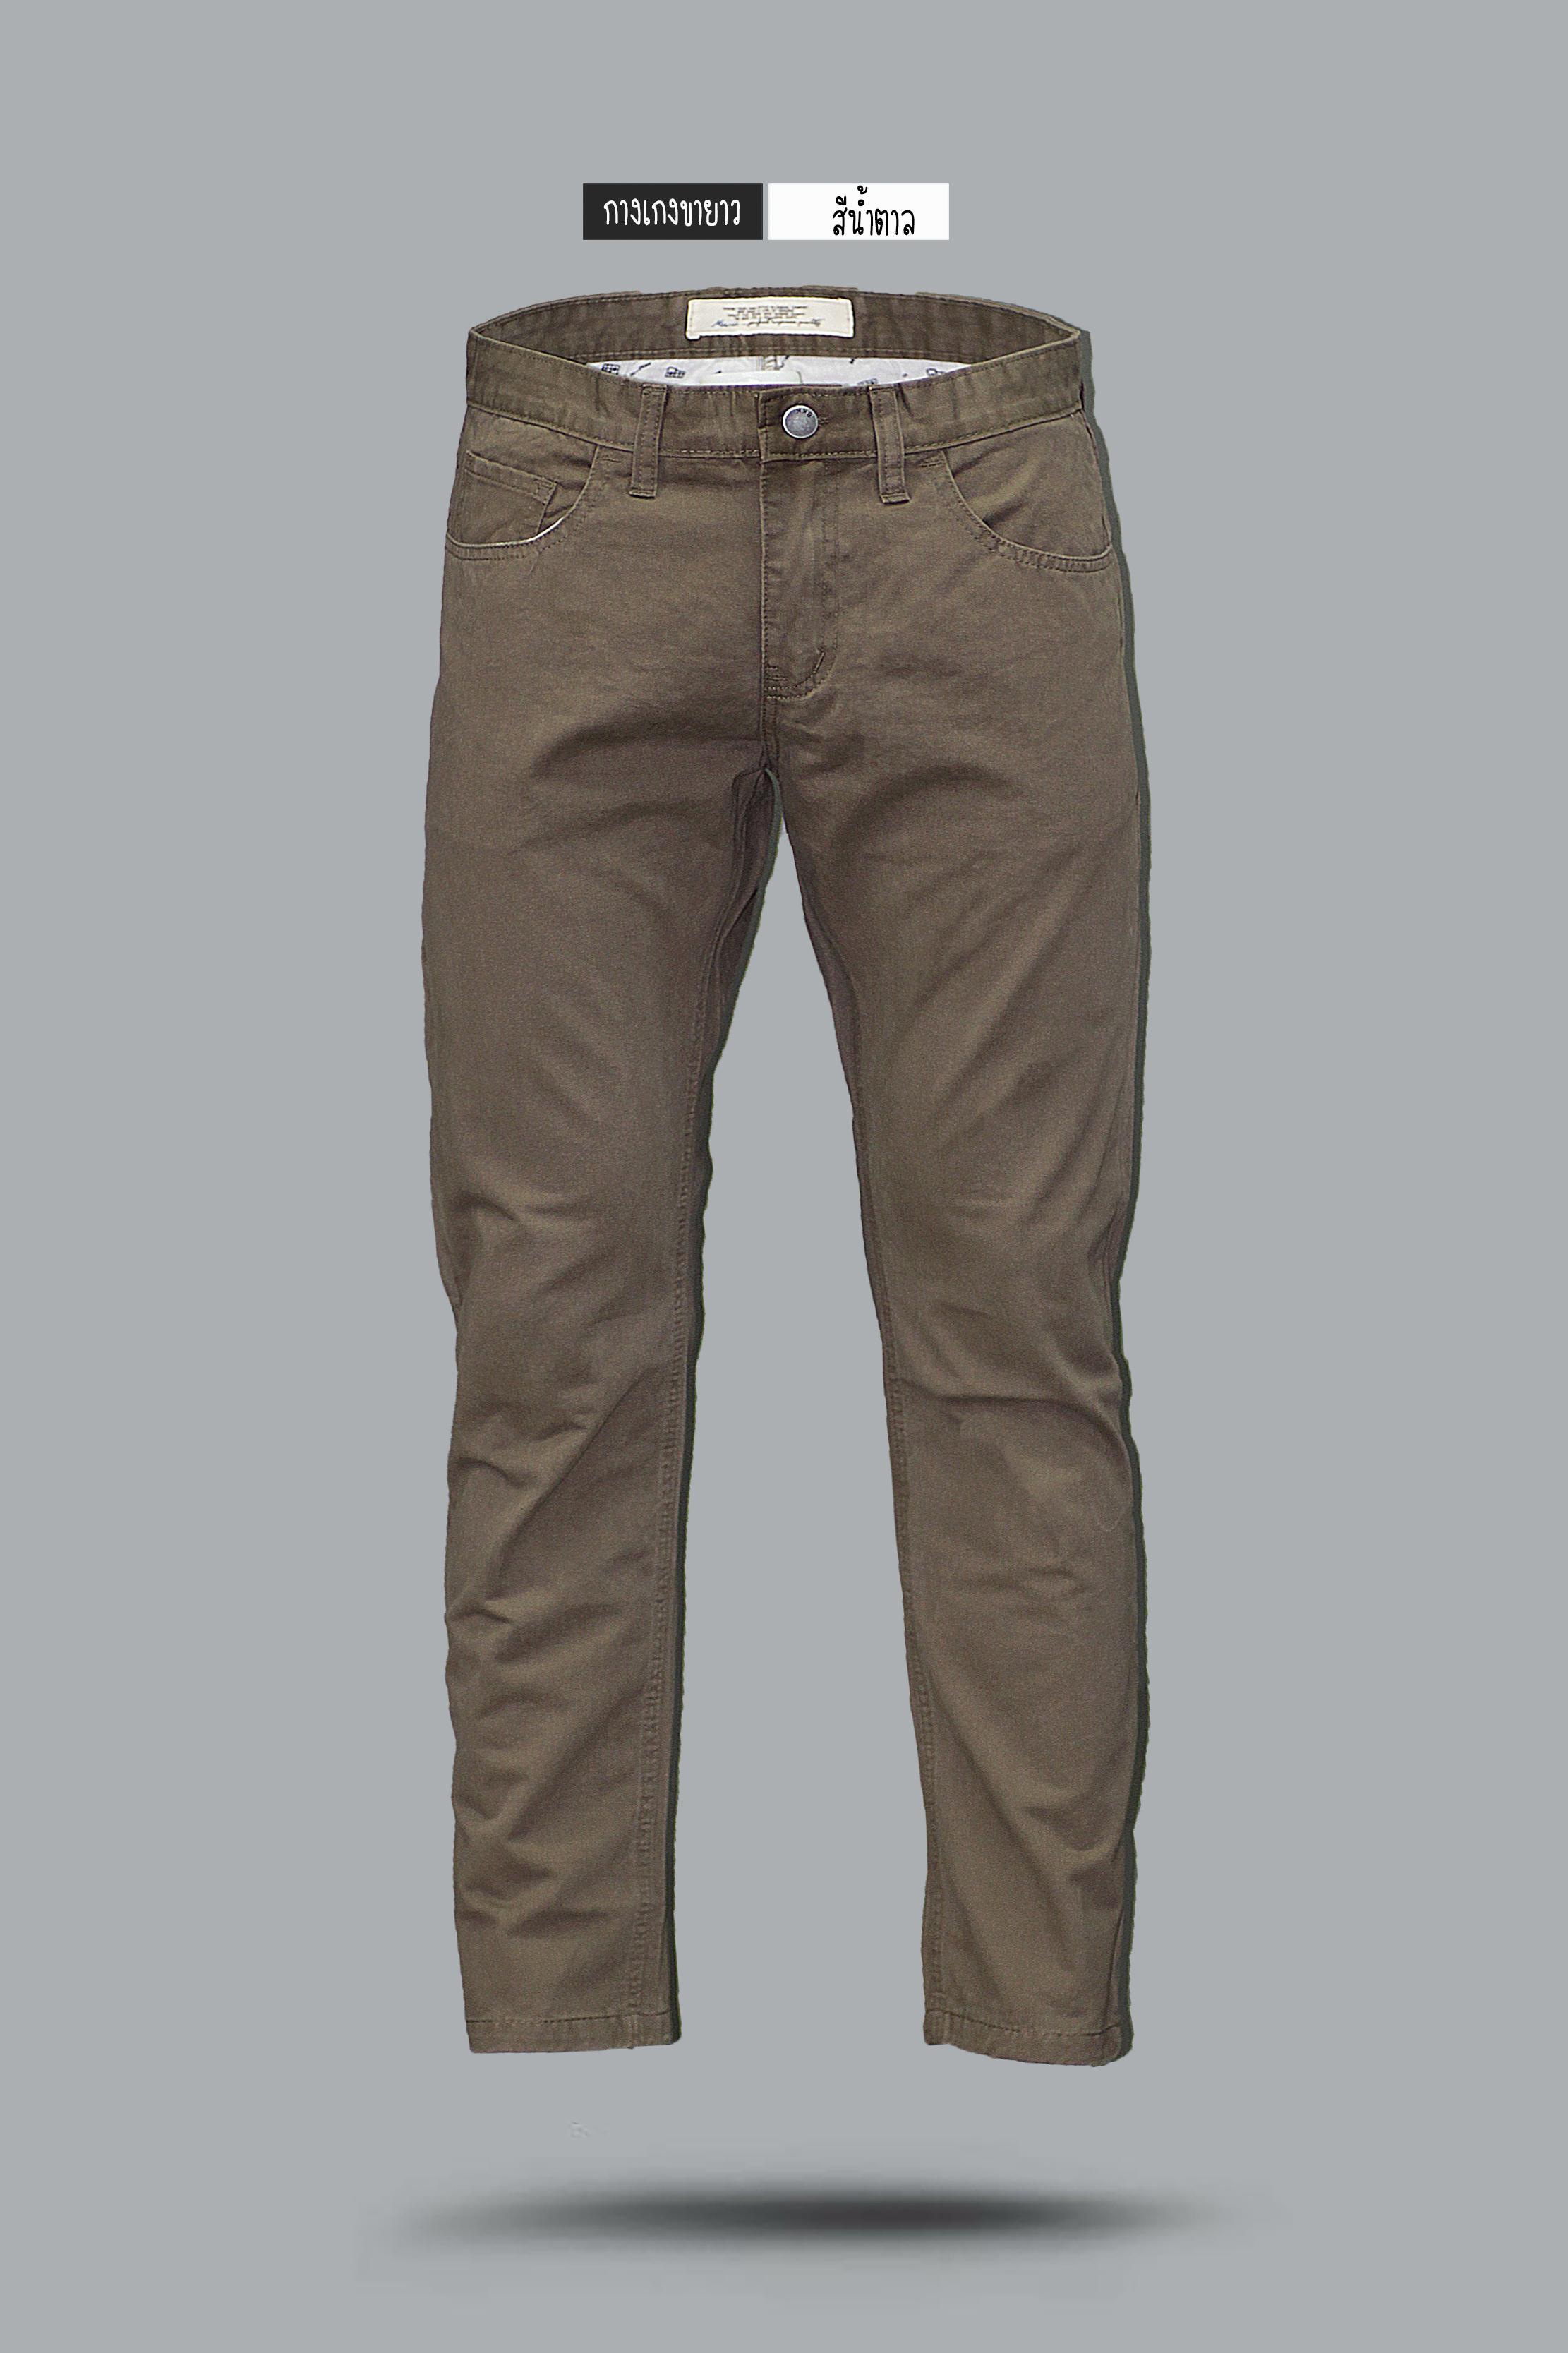 กางเกงขายาว - สีน้ำตาล